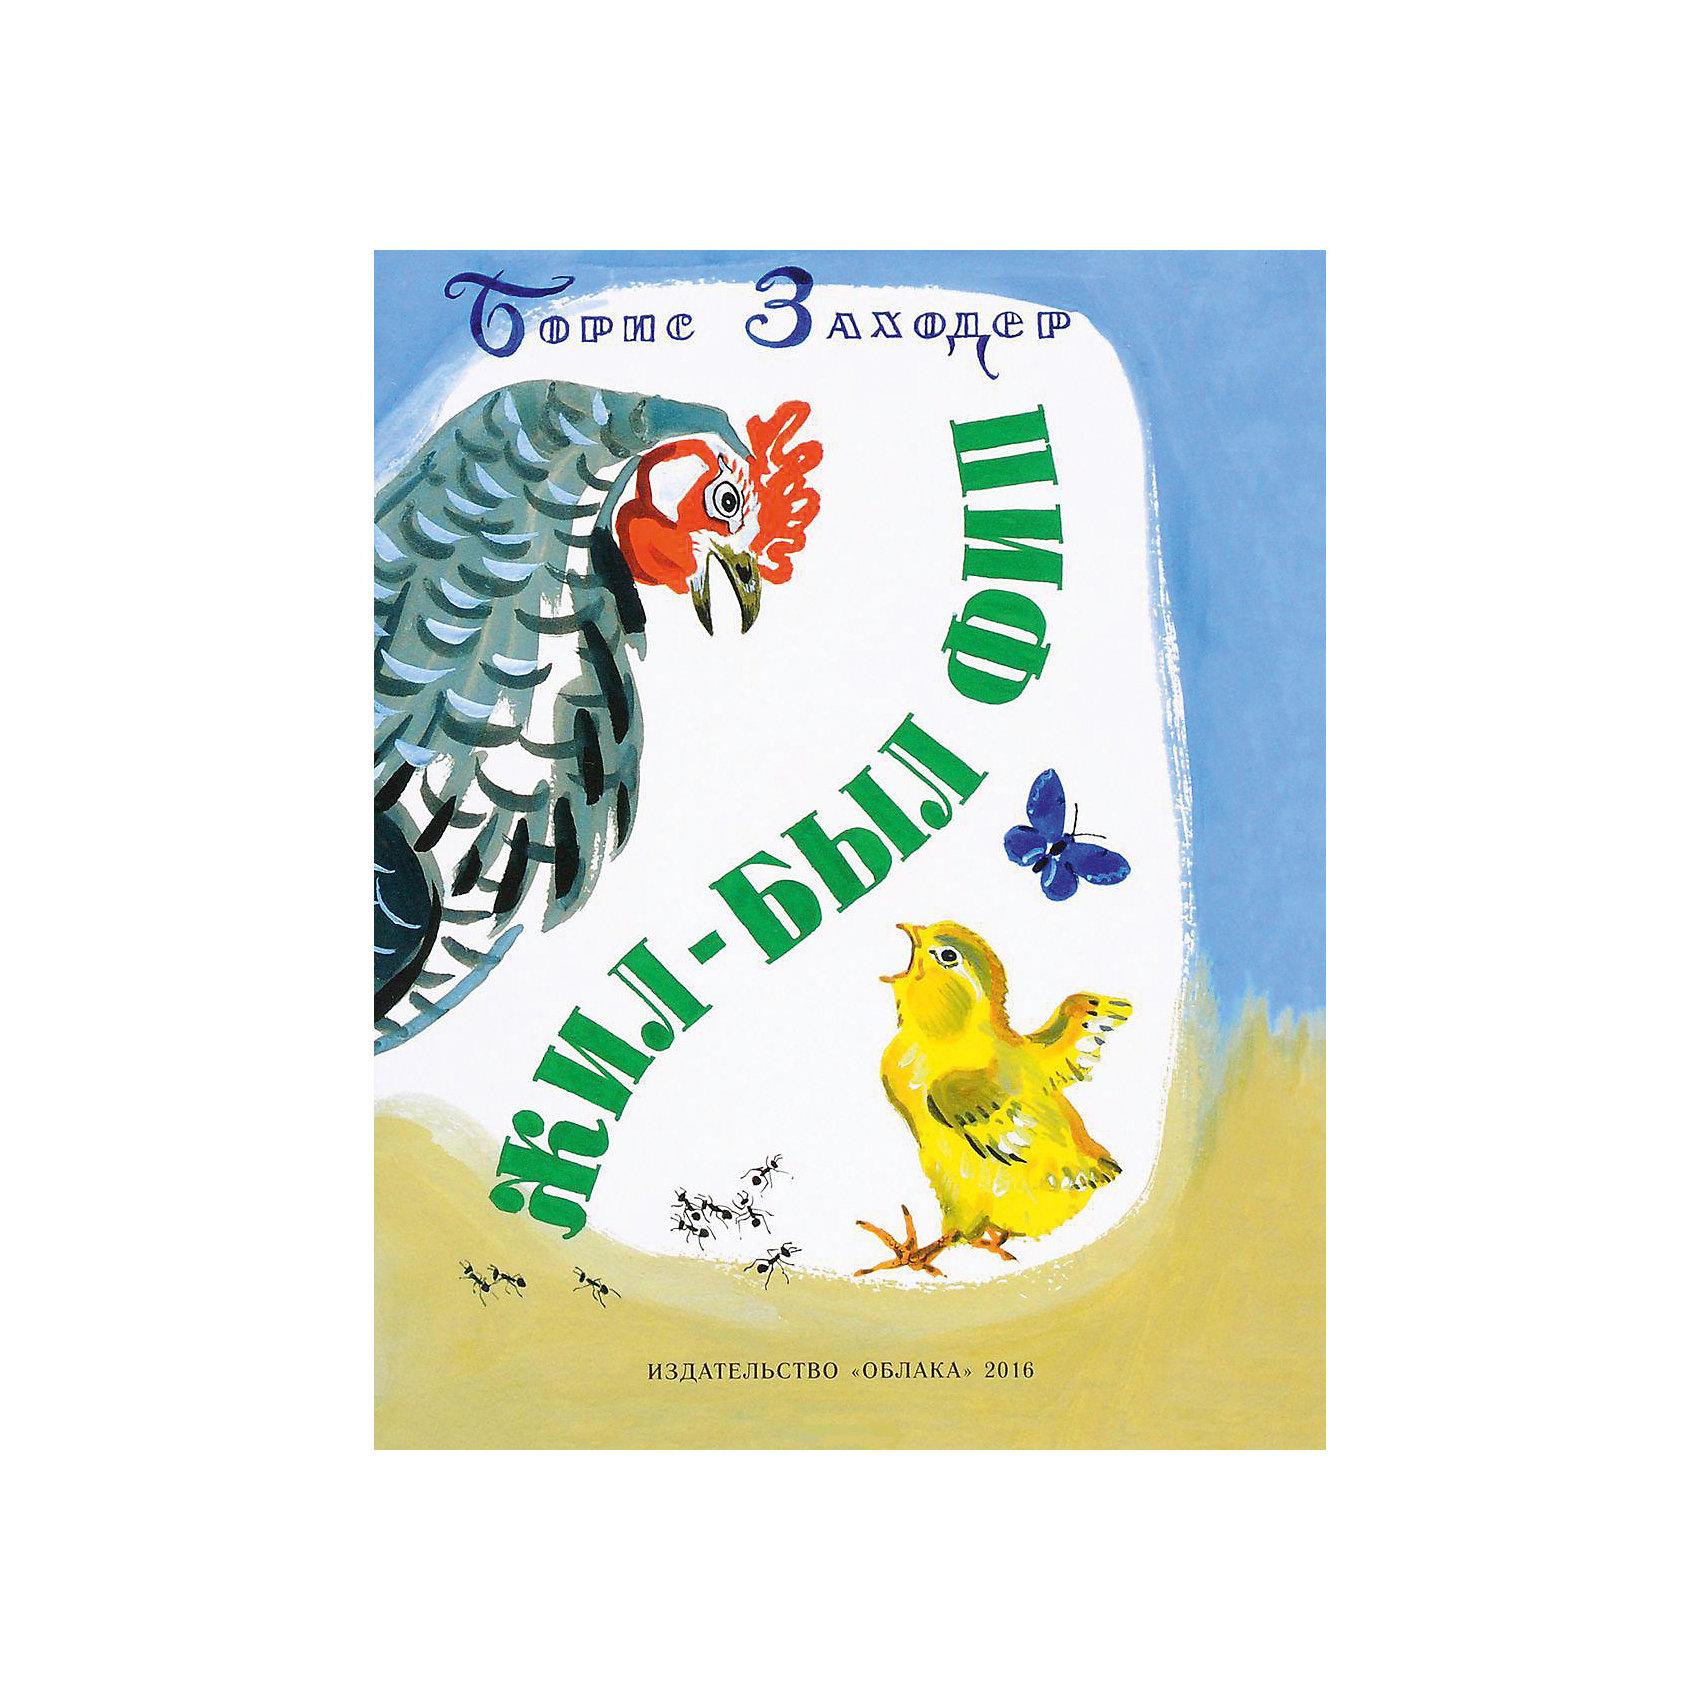 Жил-был Фип, Б. ЗаходерЖил-был Фип, Б. Заходер – эта красочно иллюстрированная книга познакомит вашего малыша с удивительной сказкой о маленьком цыпленке Фипе.<br>Маленький, желтый пушистый комочек на тоненьких ножках и с тоненьким голоском, инкубаторный цыпленок Фип трех дней от роду потерялся, и не знает, кто он такой. Жеребёнок подсказал Фипу, что он птица и посоветовал искать своих. Фипу предстоит выяснить, кто же такие птицы и найти семью. Иллюстрации к книге выполнены выдающимся художником, Ярославом Николаевичем Манухиным. Для чтения взрослыми детям.<br><br>Дополнительная информация:<br><br>- Автор: Заходер Борис Владимирович<br>- Художник: Манухин Ярослав Николаевич<br>- Издательство: Облака, 2015 г.<br>- Тип обложки: мягкий переплет (крепление скрепкой или клеем)<br>- Иллюстрации: цветные<br>- Количество страниц: 32 (офсет)<br>- Размер: 274x213x4 мм.<br>- Вес: 150 гр.<br><br>Книгу «Жил-был Фип», Б. Заходер можно купить в нашем интернет-магазине.<br><br>Ширина мм: 213<br>Глубина мм: 4<br>Высота мм: 274<br>Вес г: 150<br>Возраст от месяцев: -2147483648<br>Возраст до месяцев: 2147483647<br>Пол: Унисекс<br>Возраст: Детский<br>SKU: 4916597